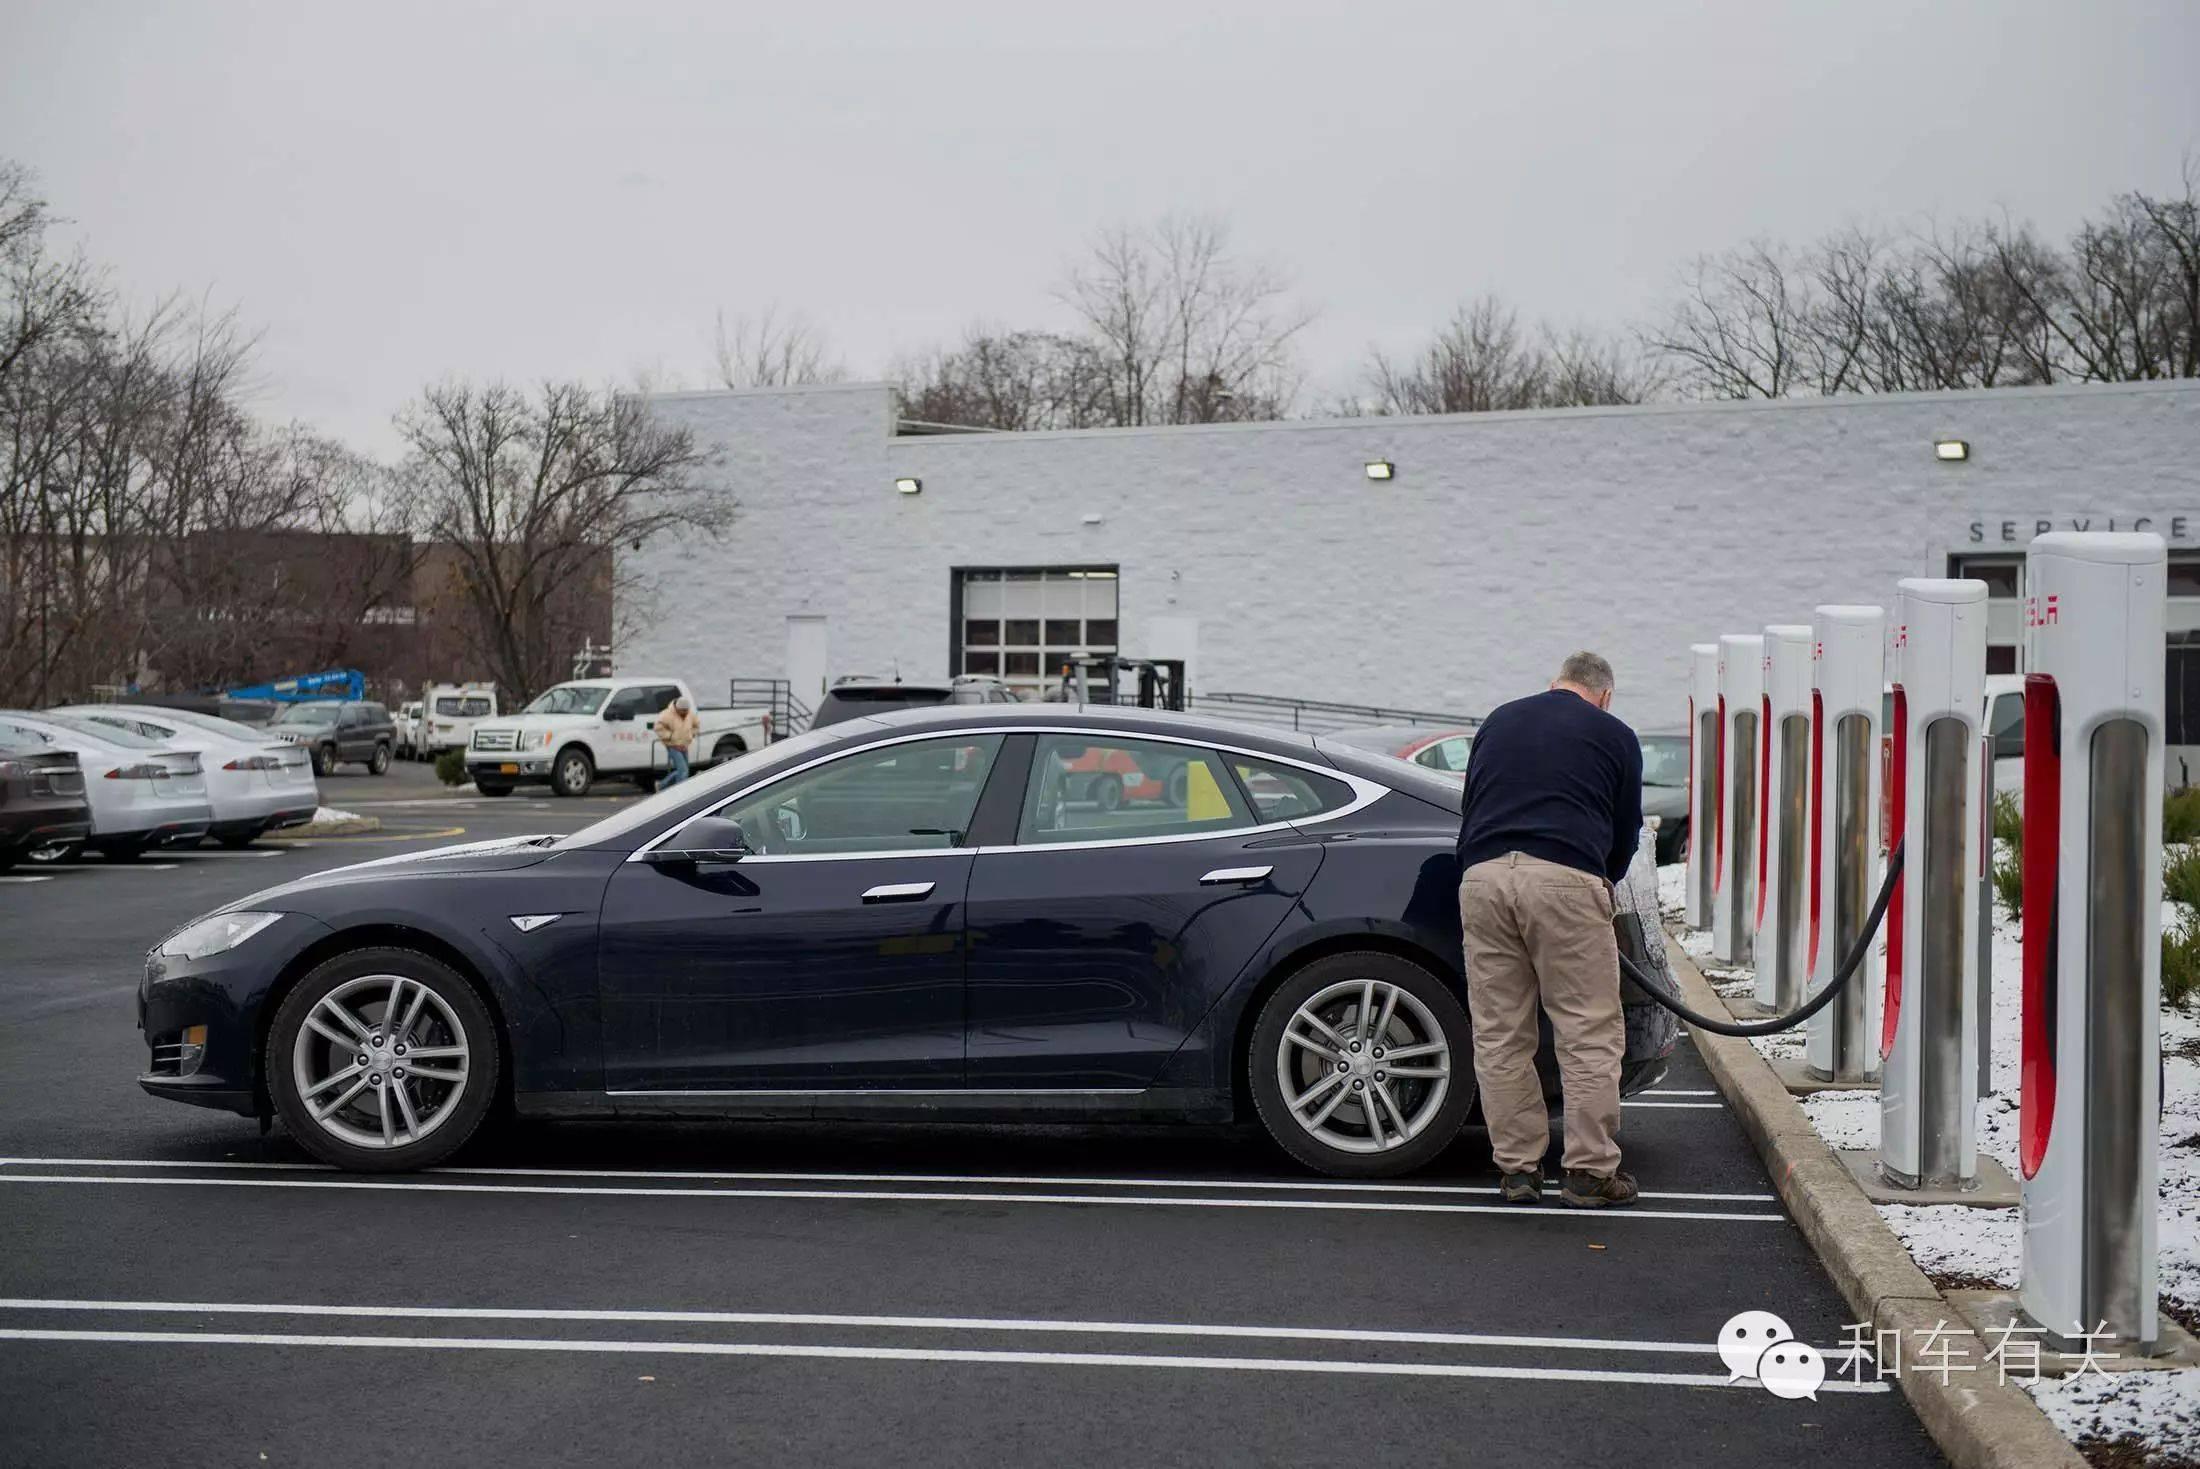 特斯拉超级充电站将开始收费,车型涨价暂未确认